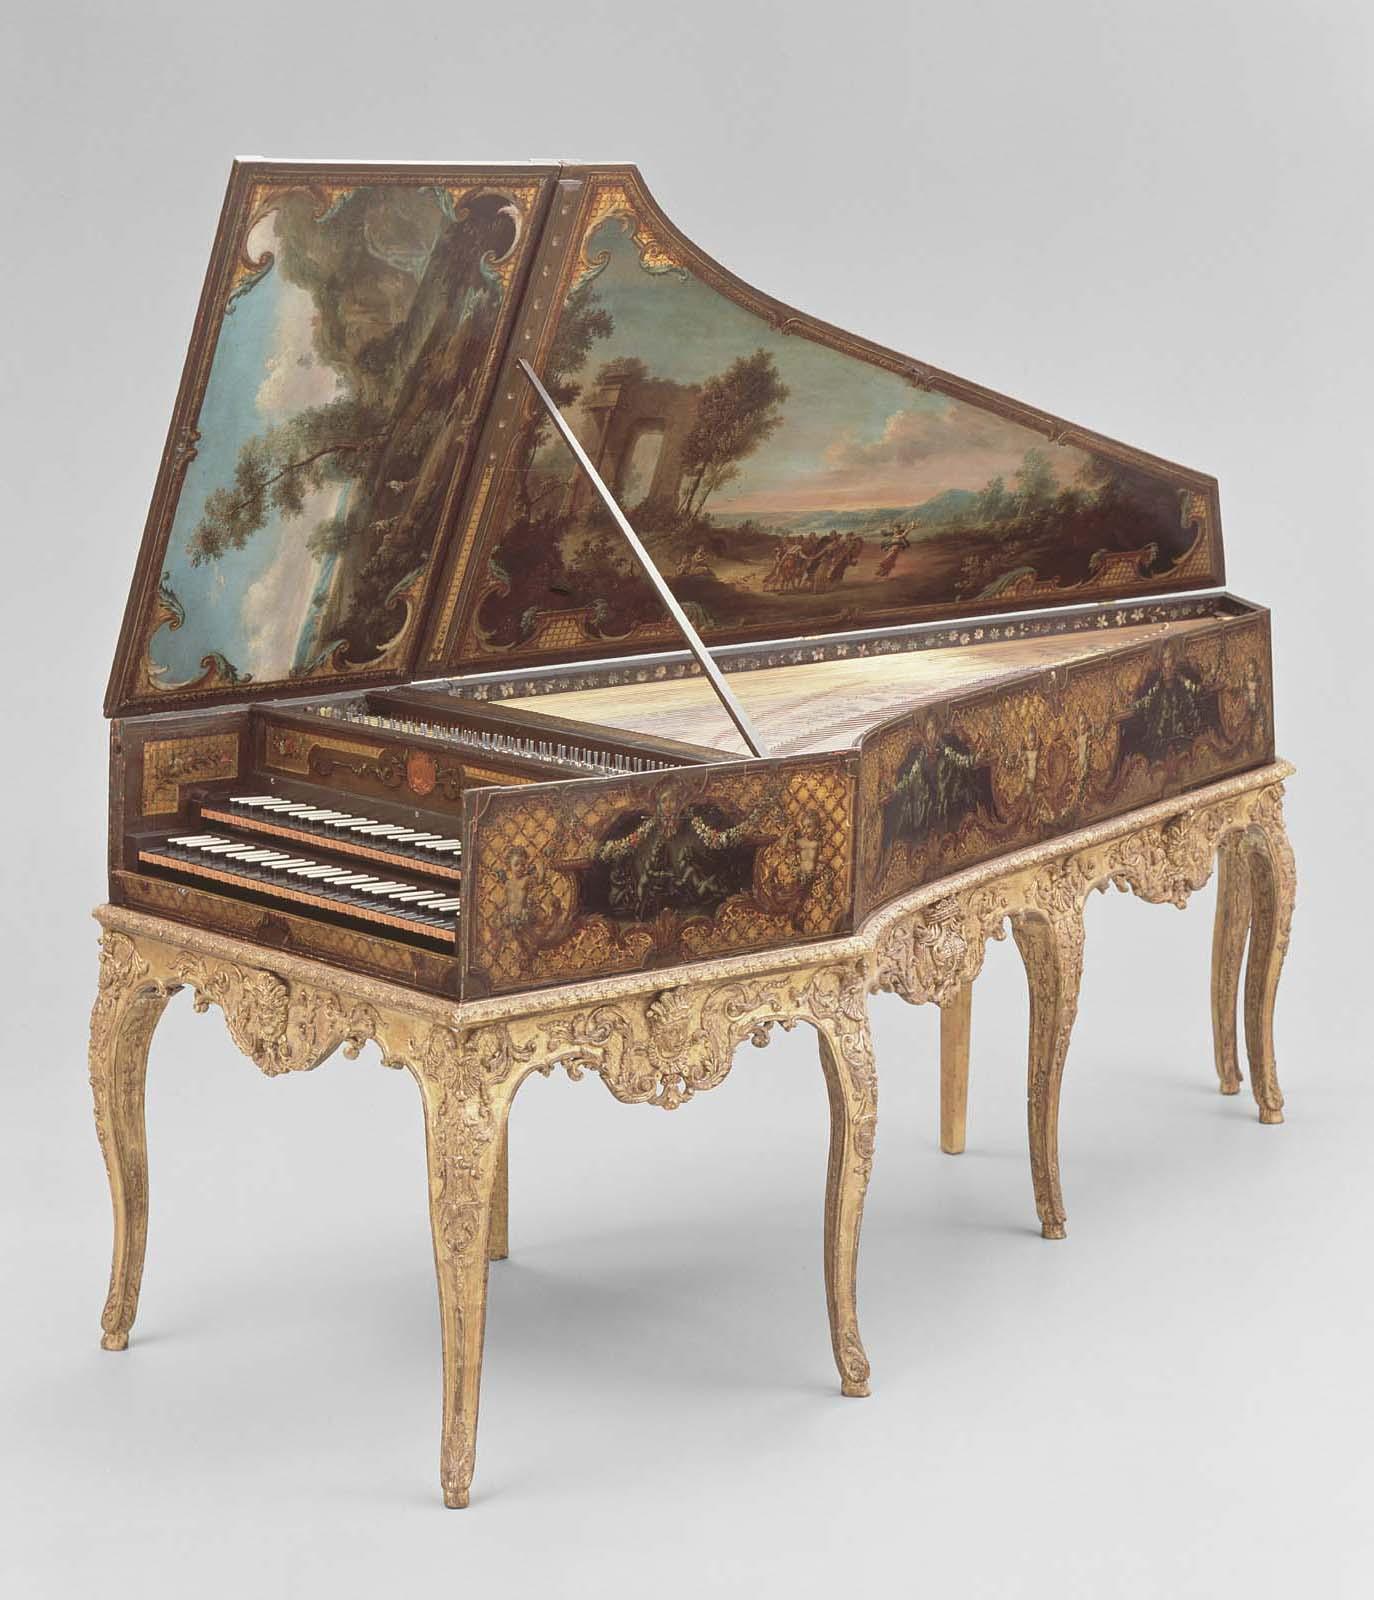 Harpsichord | Museum of Fine Arts, Boston